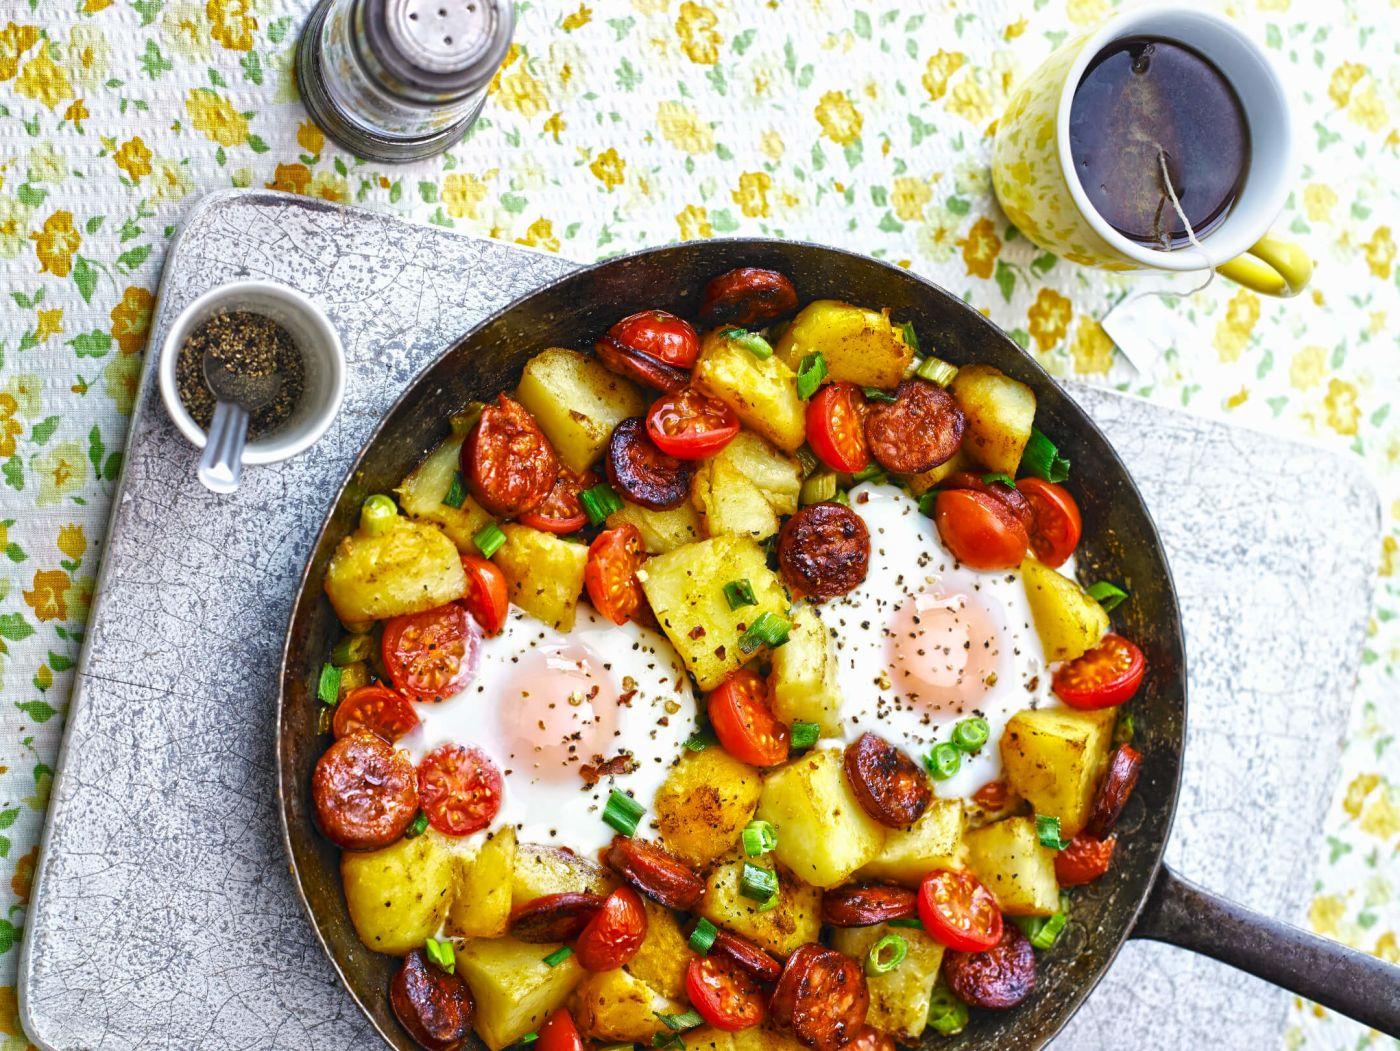 Spanische Karoffelpfanne, spanische Rezepte, spanische Gerichte, spanische Küche, Spaniens Nationalgericht